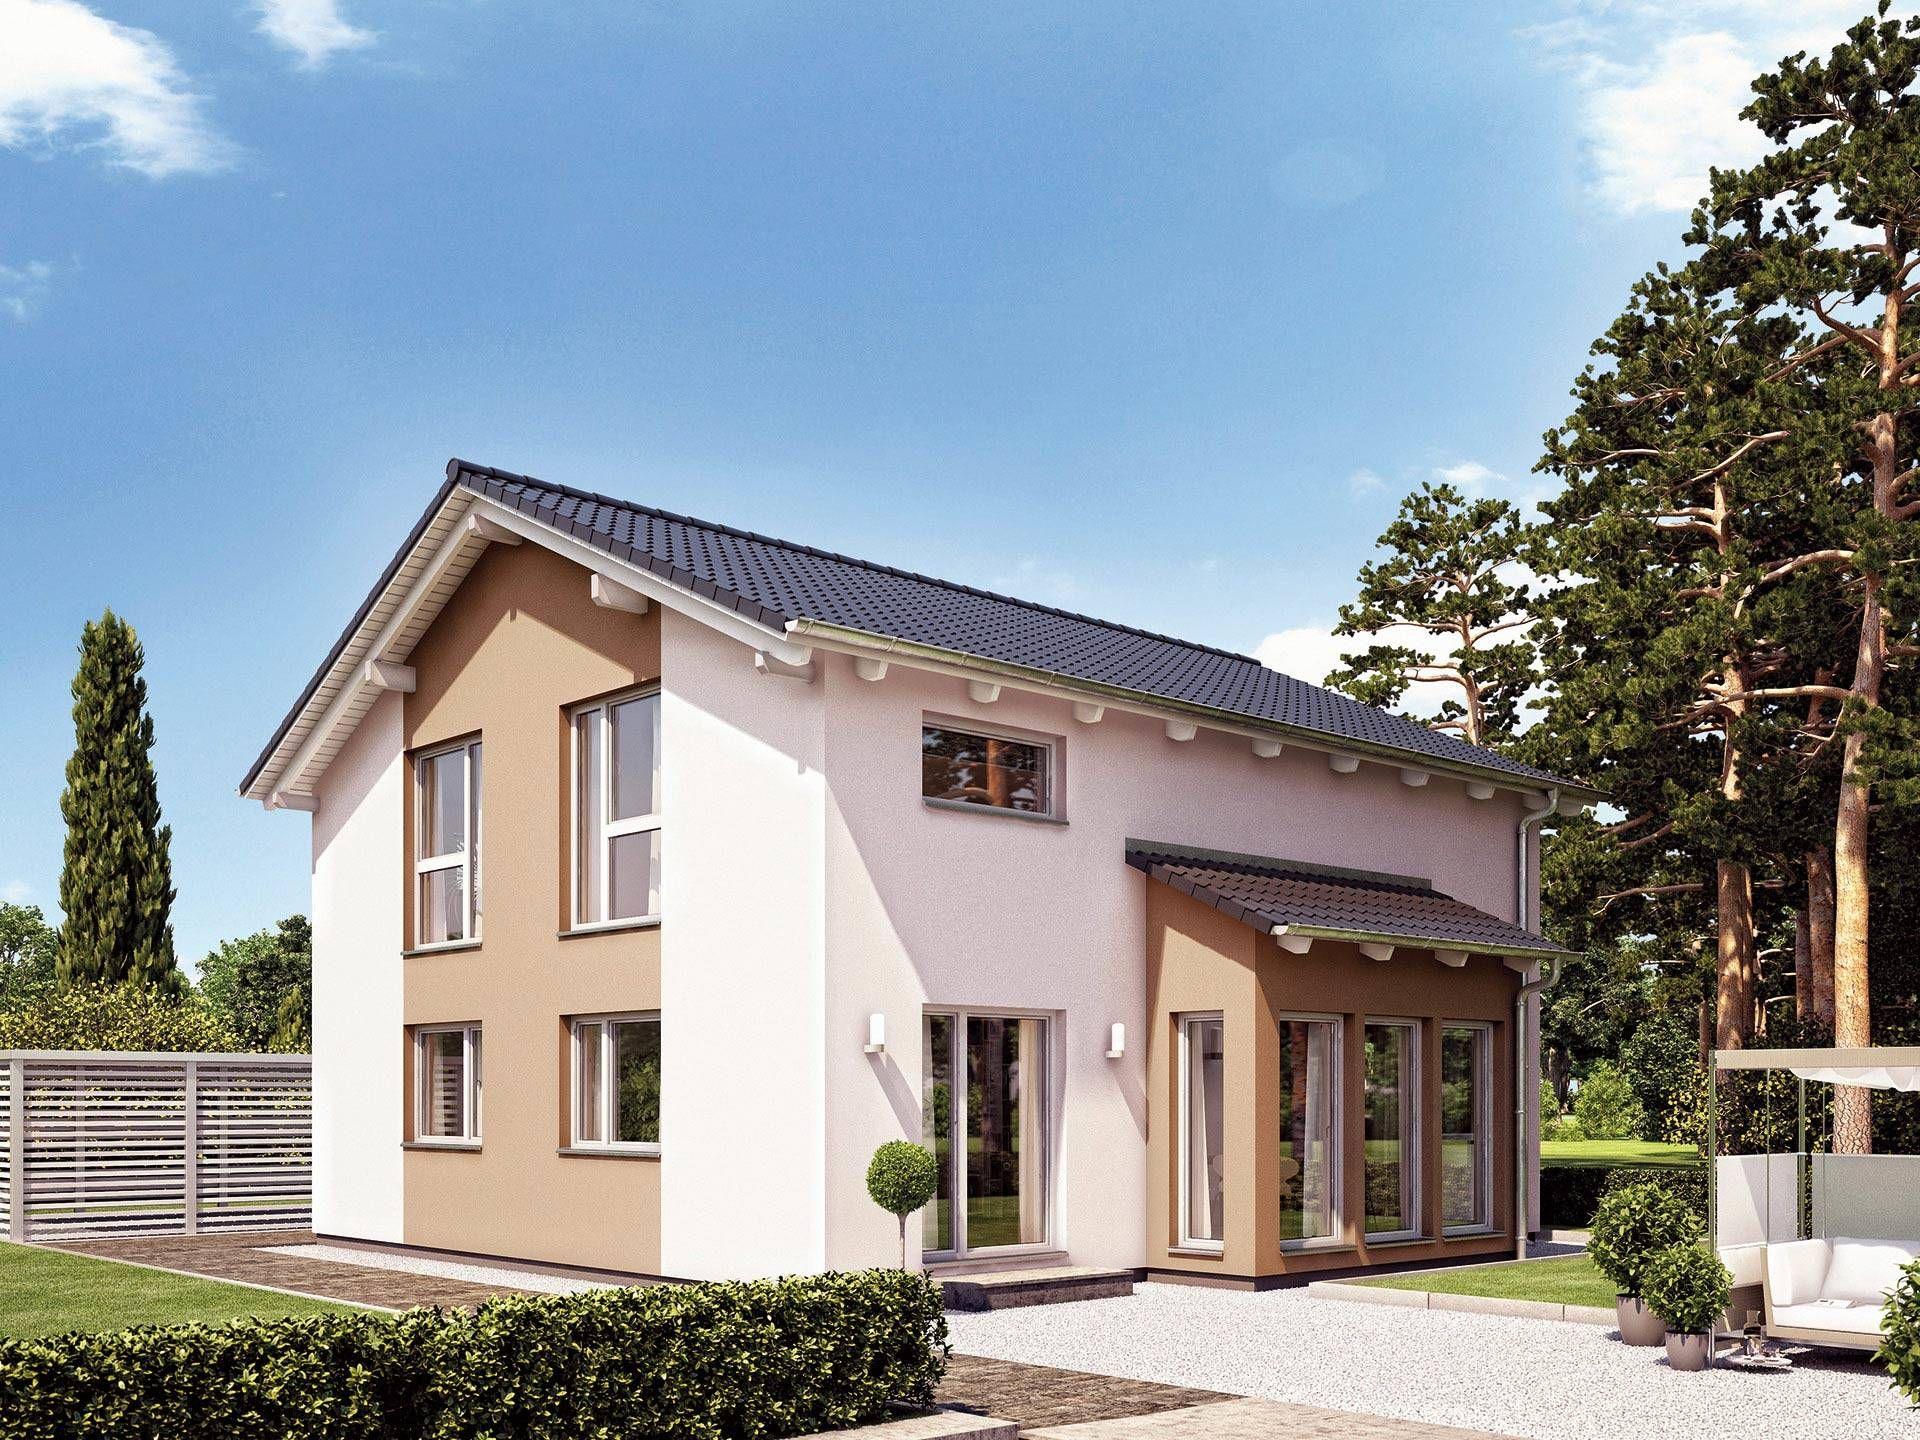 Modernes Einfamilienhaus Satteldach variant 25 166 stadthaus hanse haus modernes einfamilienhaus